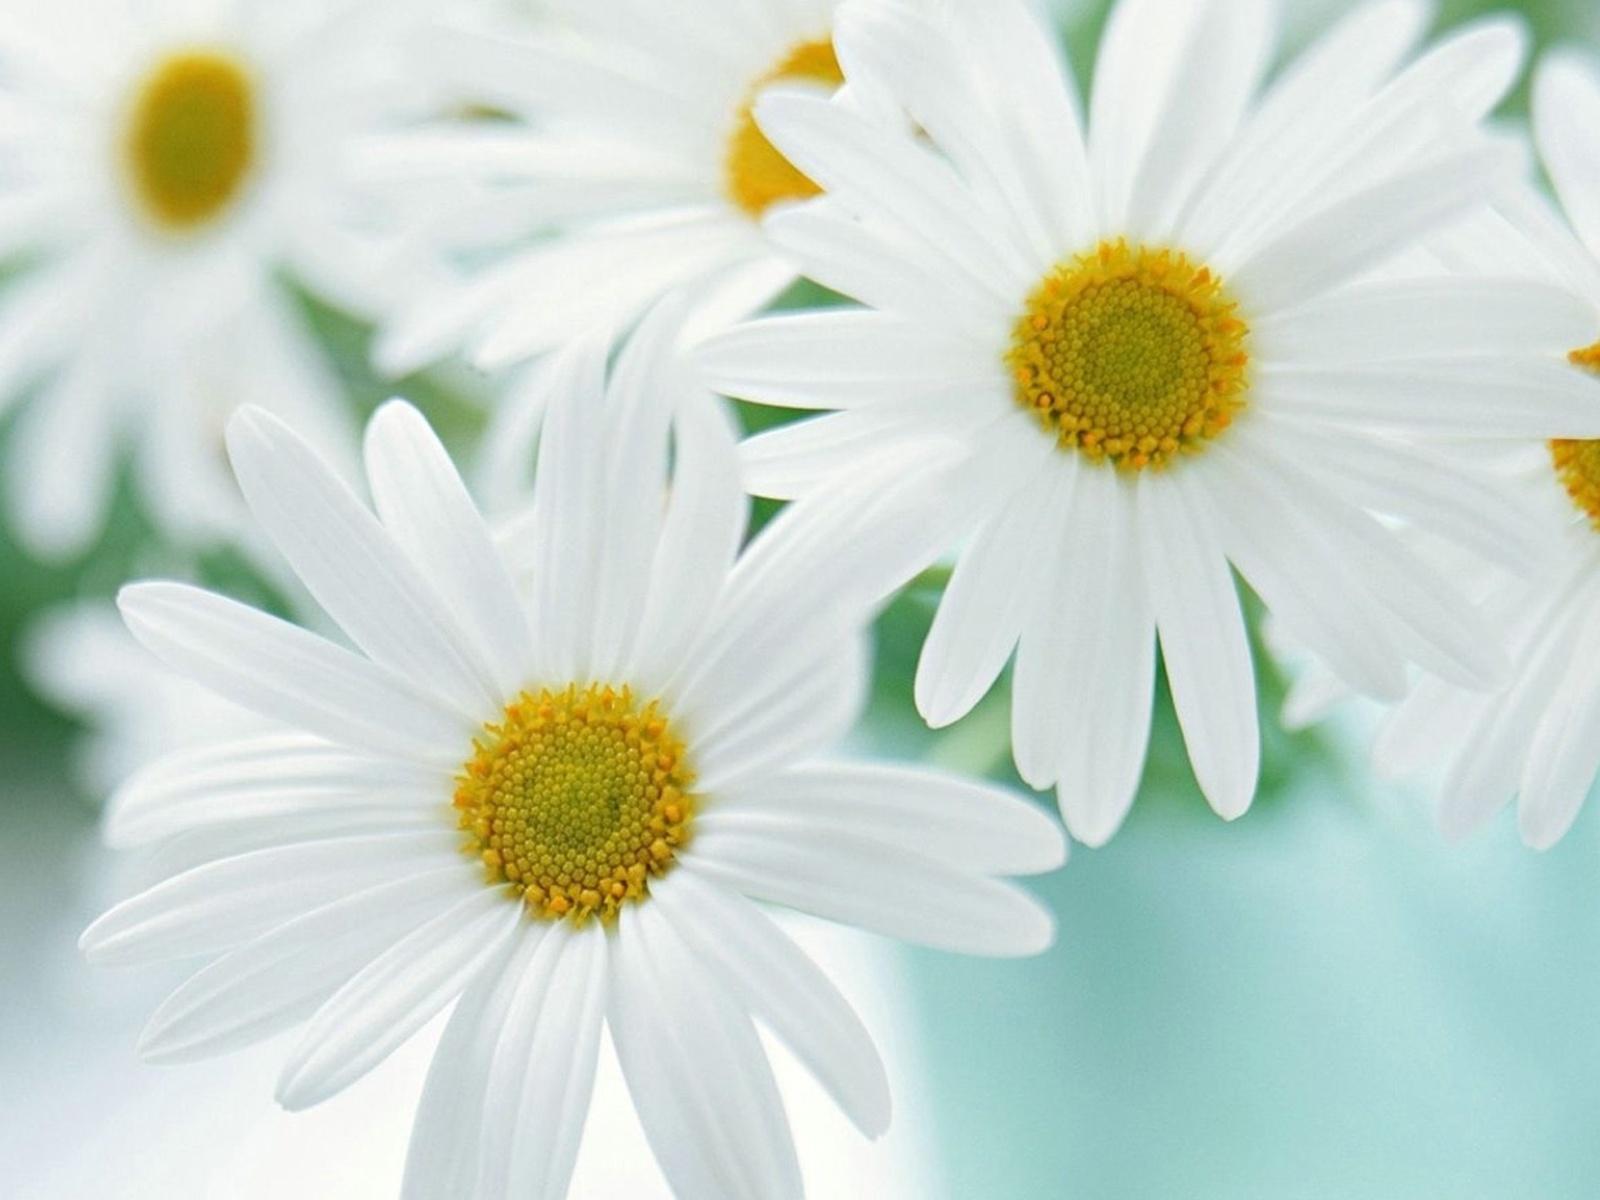 Полевые цветы картинки и названия